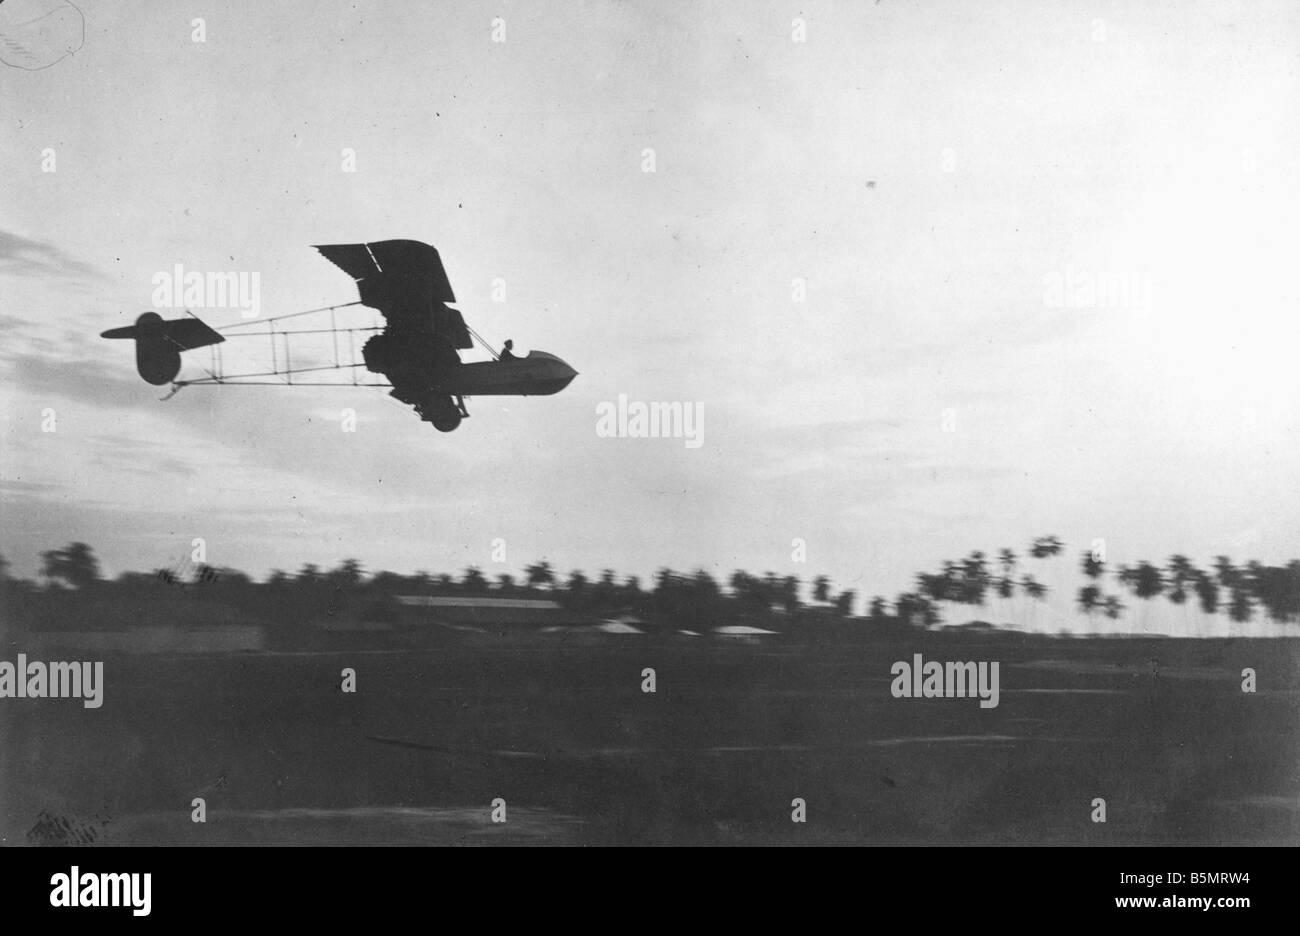 9AF 1914 A5 3 0 0 avion militaire ger l'Afrique de l'Est Seconde Guerre mondiale 1 Guerre dans les colonies l'Afrique orientale allemande maintenant Tanzanie avion militaire Banque D'Images